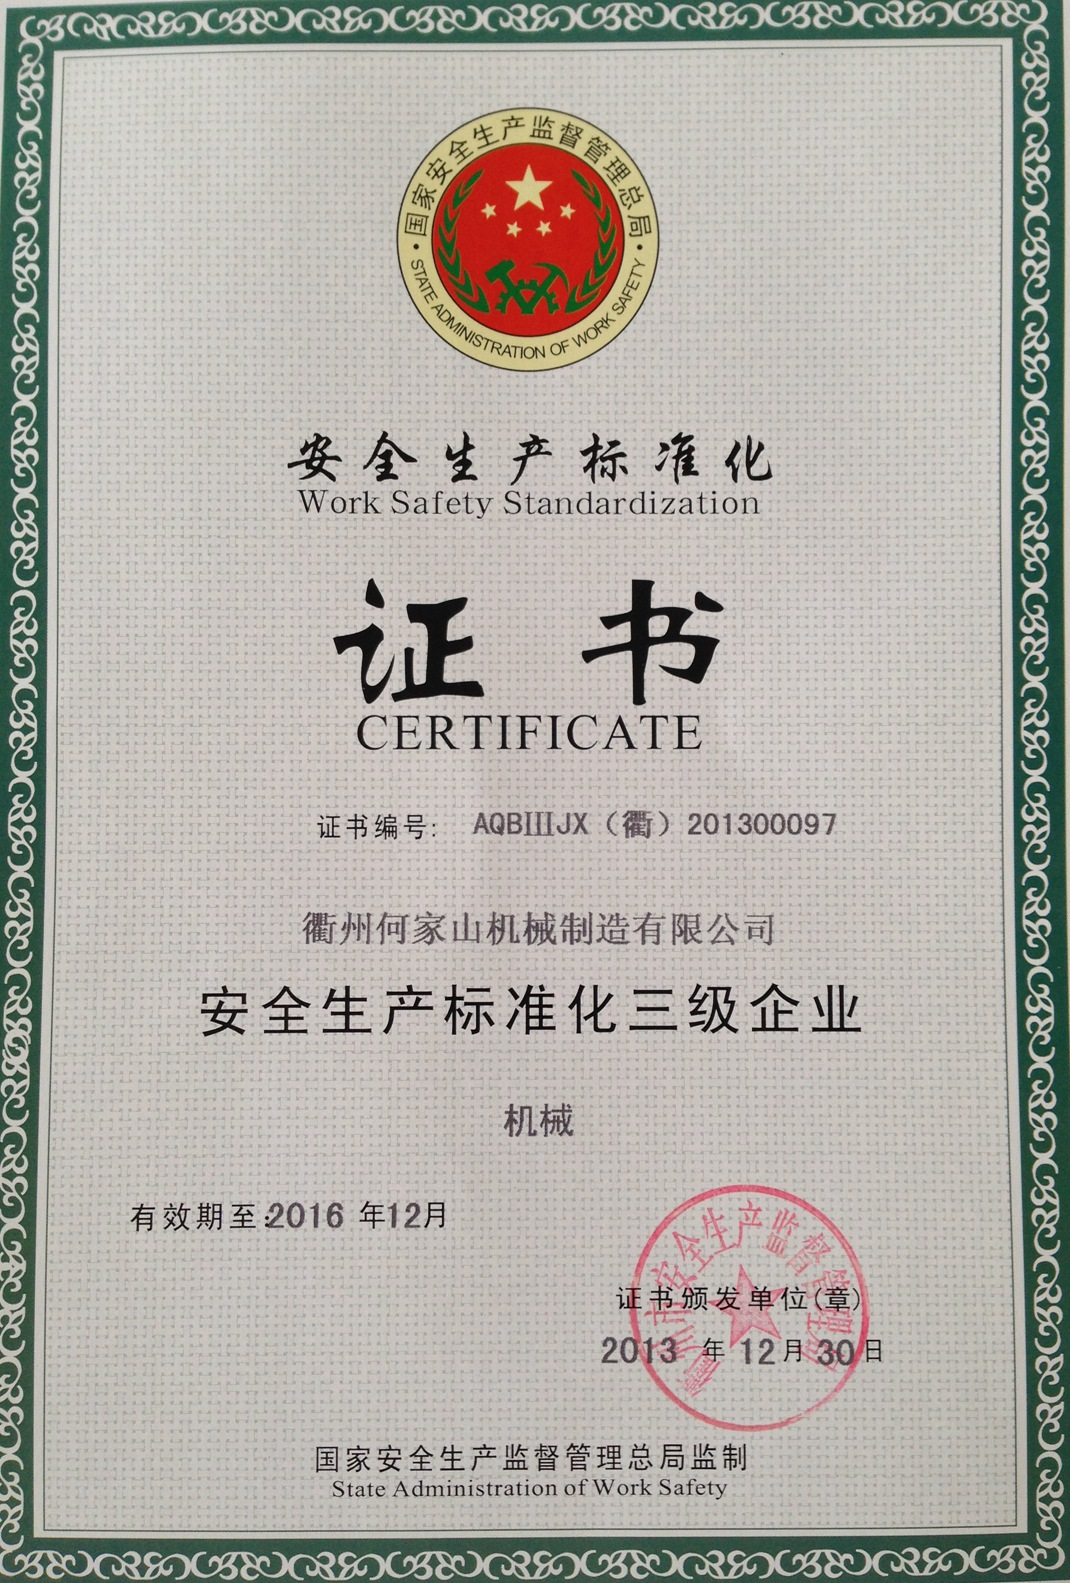 公司获得安quan生产标准化zheng书